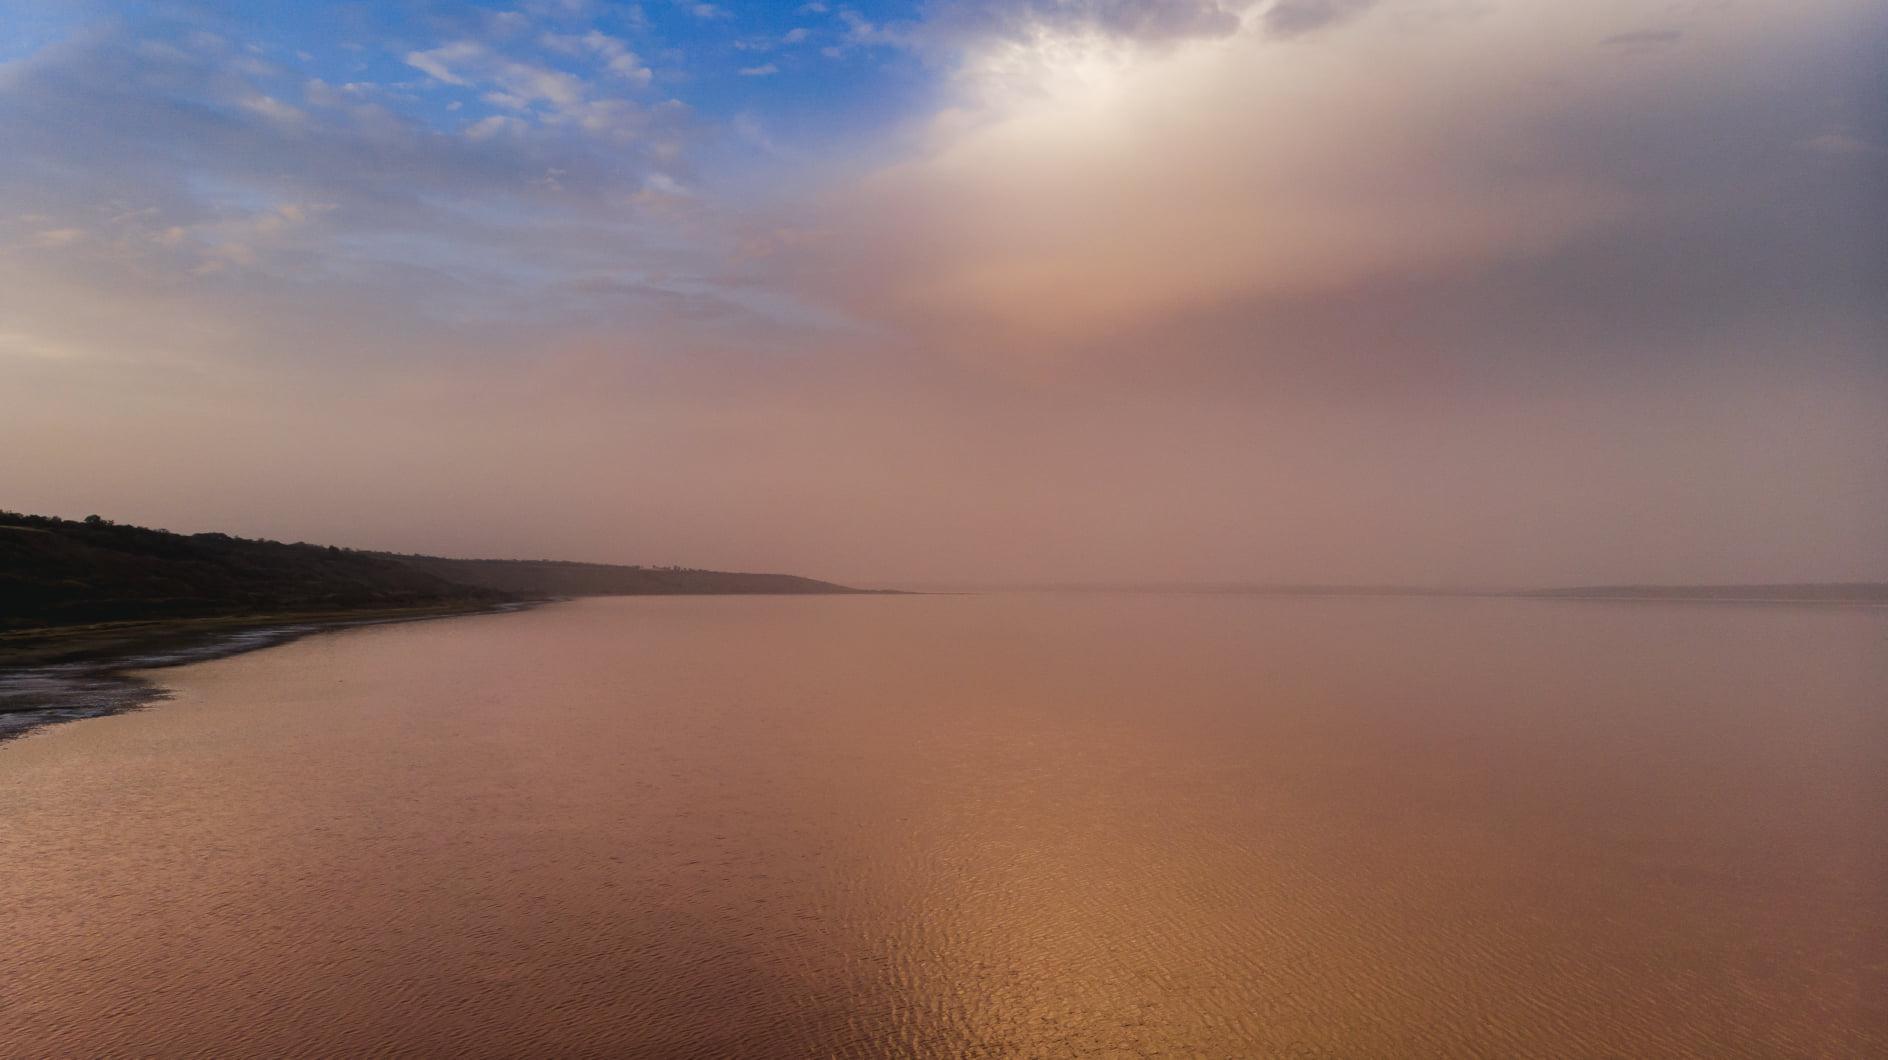 Осенний Куяльник. Фото: Иван Страхов